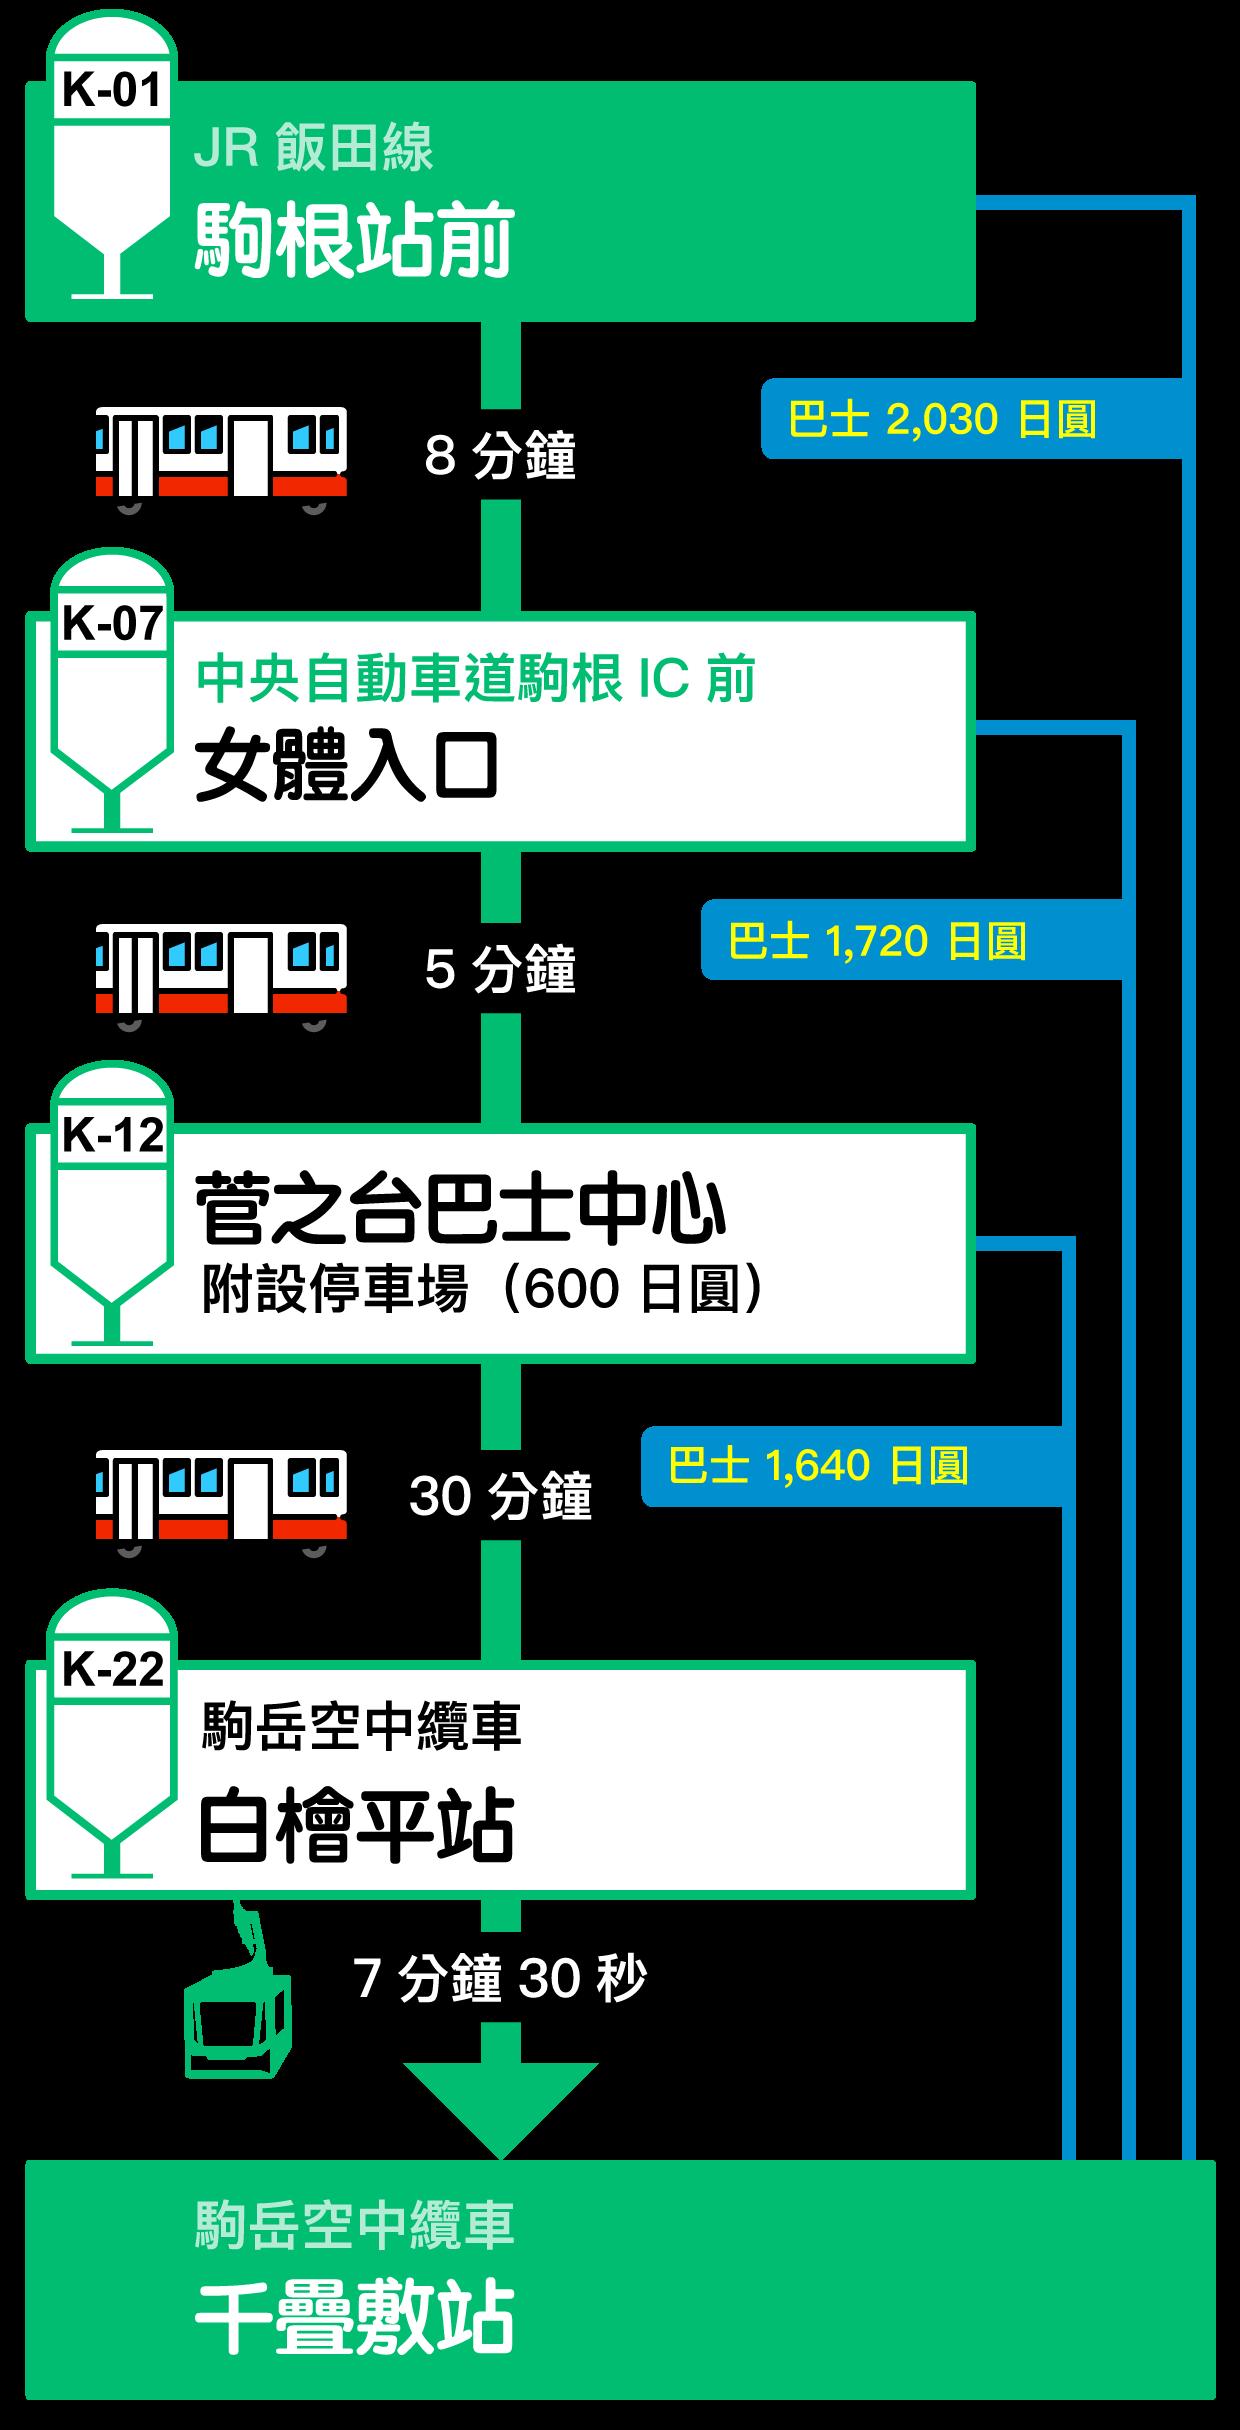 access_localbus_tw_201910